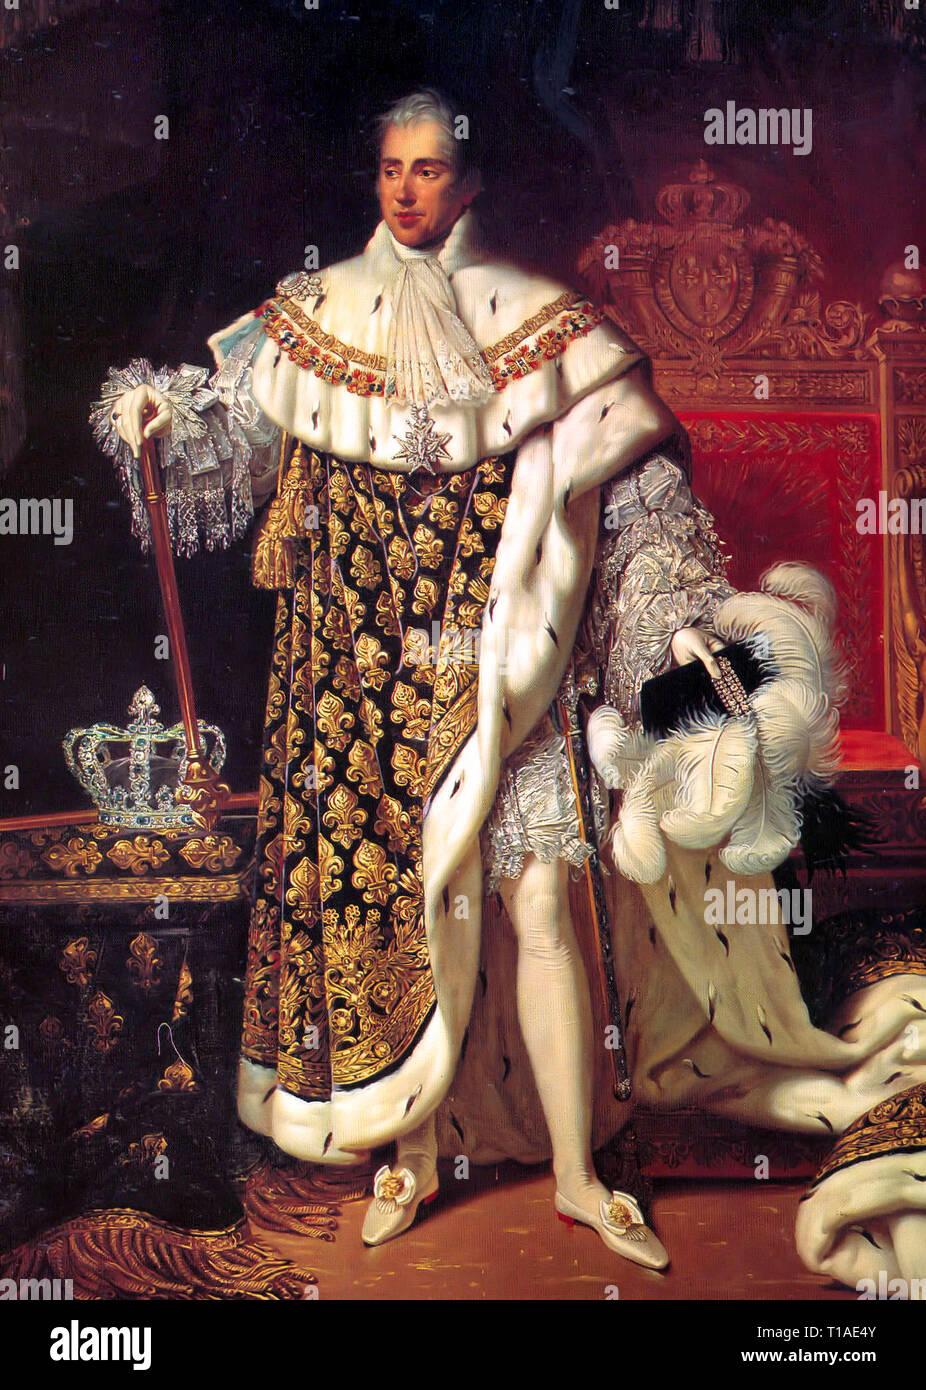 Porträt von Charles X von Frankreich im Coronation Roben - Robert LefEvre, 1825 Stockfoto